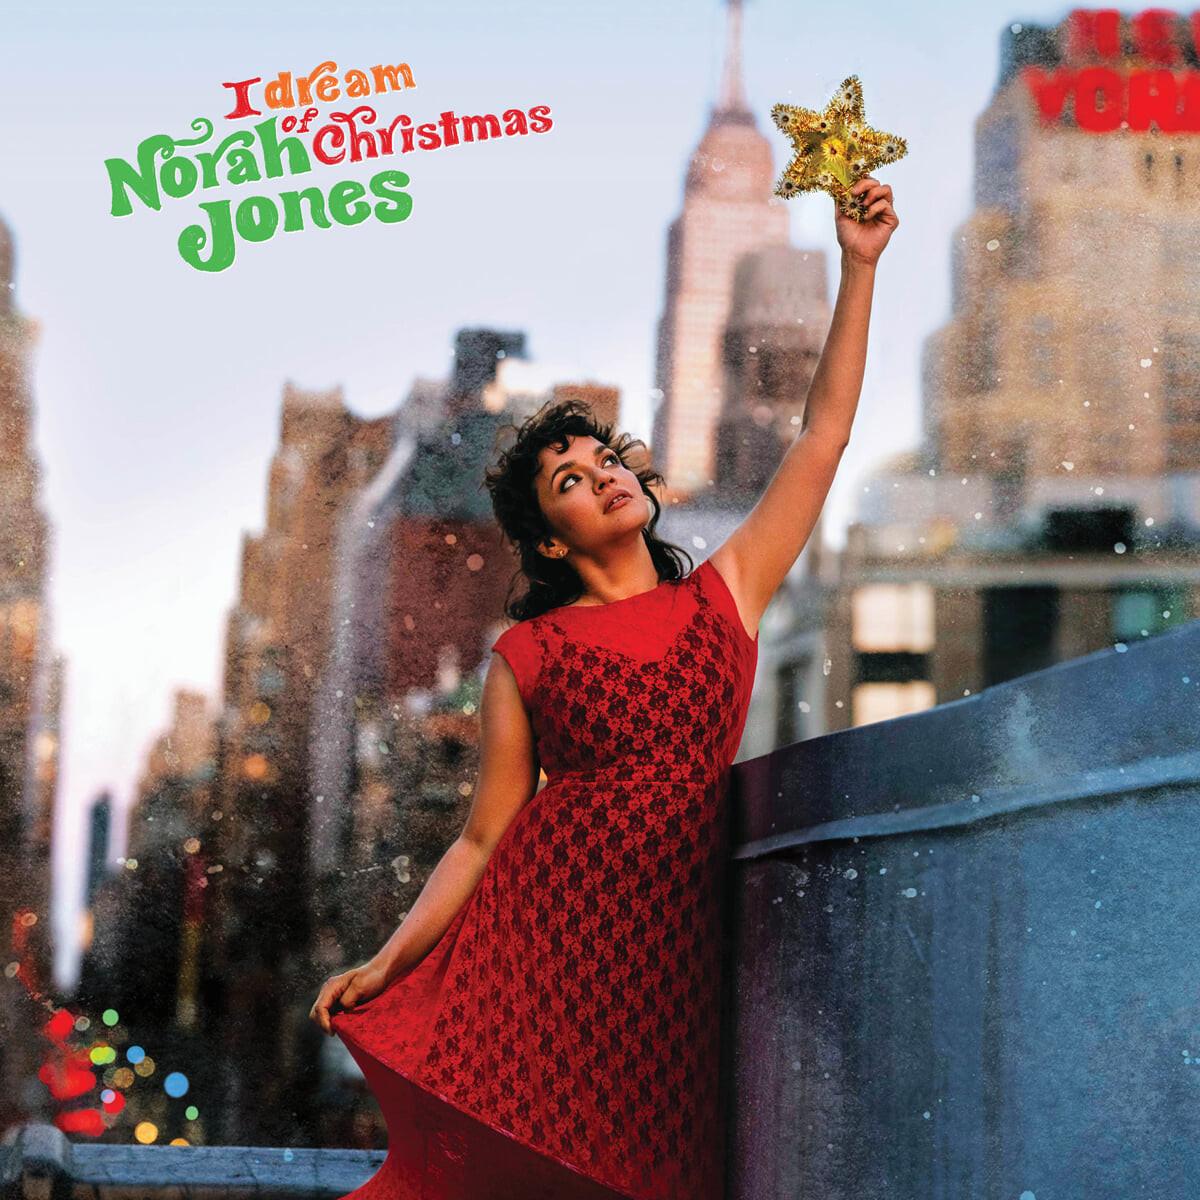 Norah Jones (노라 존스) - 크리스마스 앨범: I Dream of Christmas